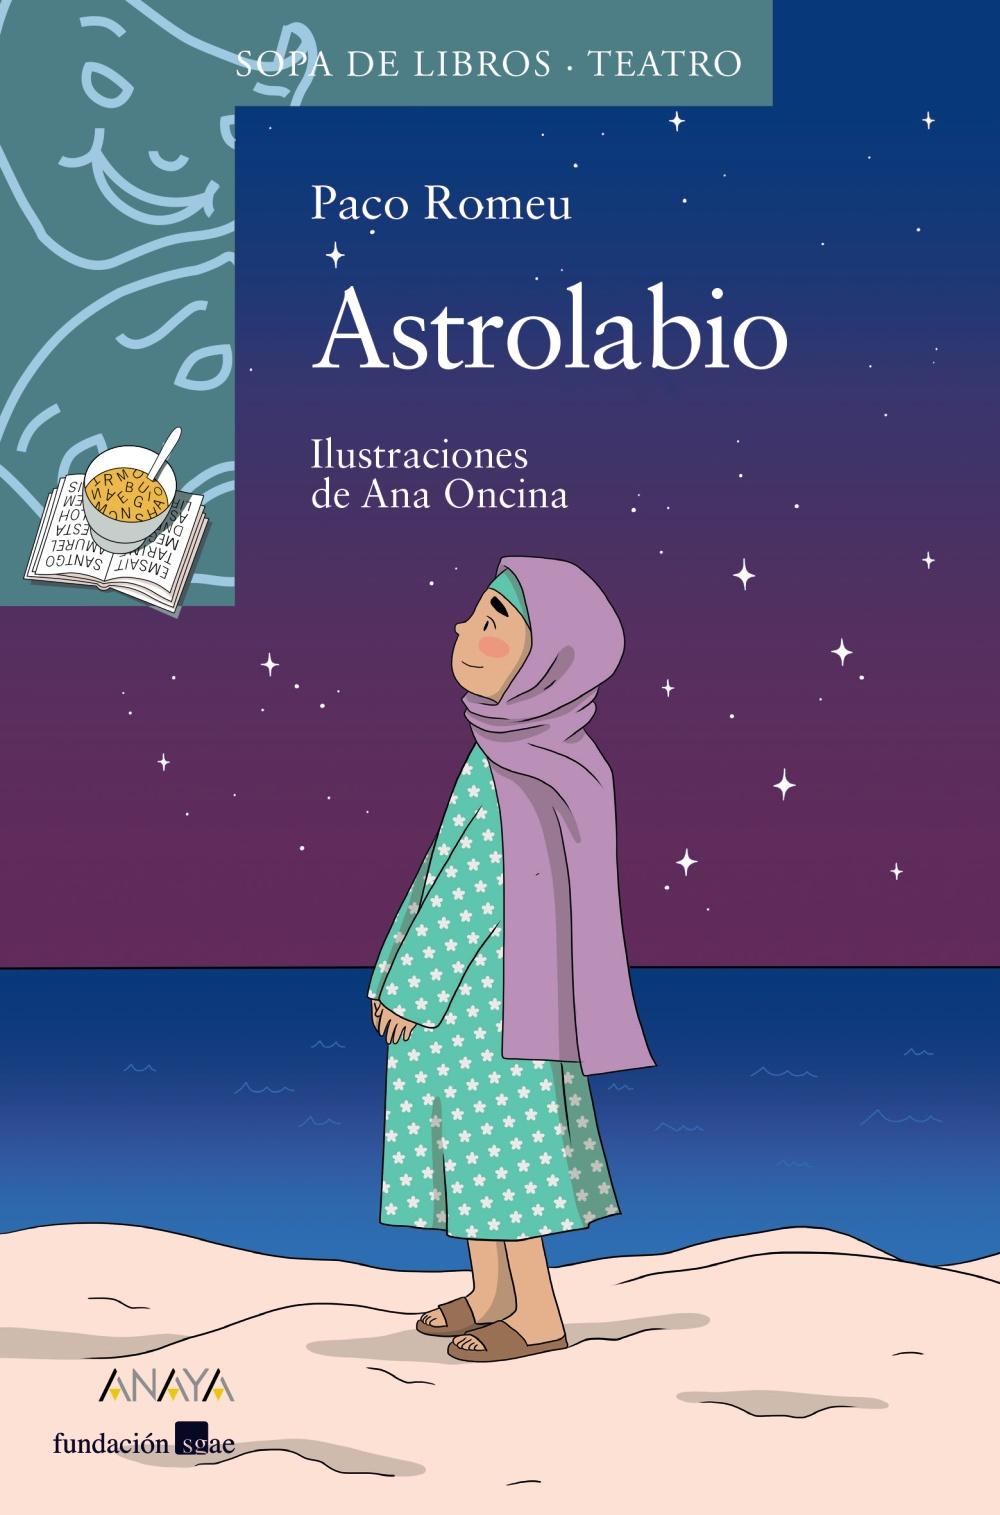 astrolabio-sopa-de-libros-teatro